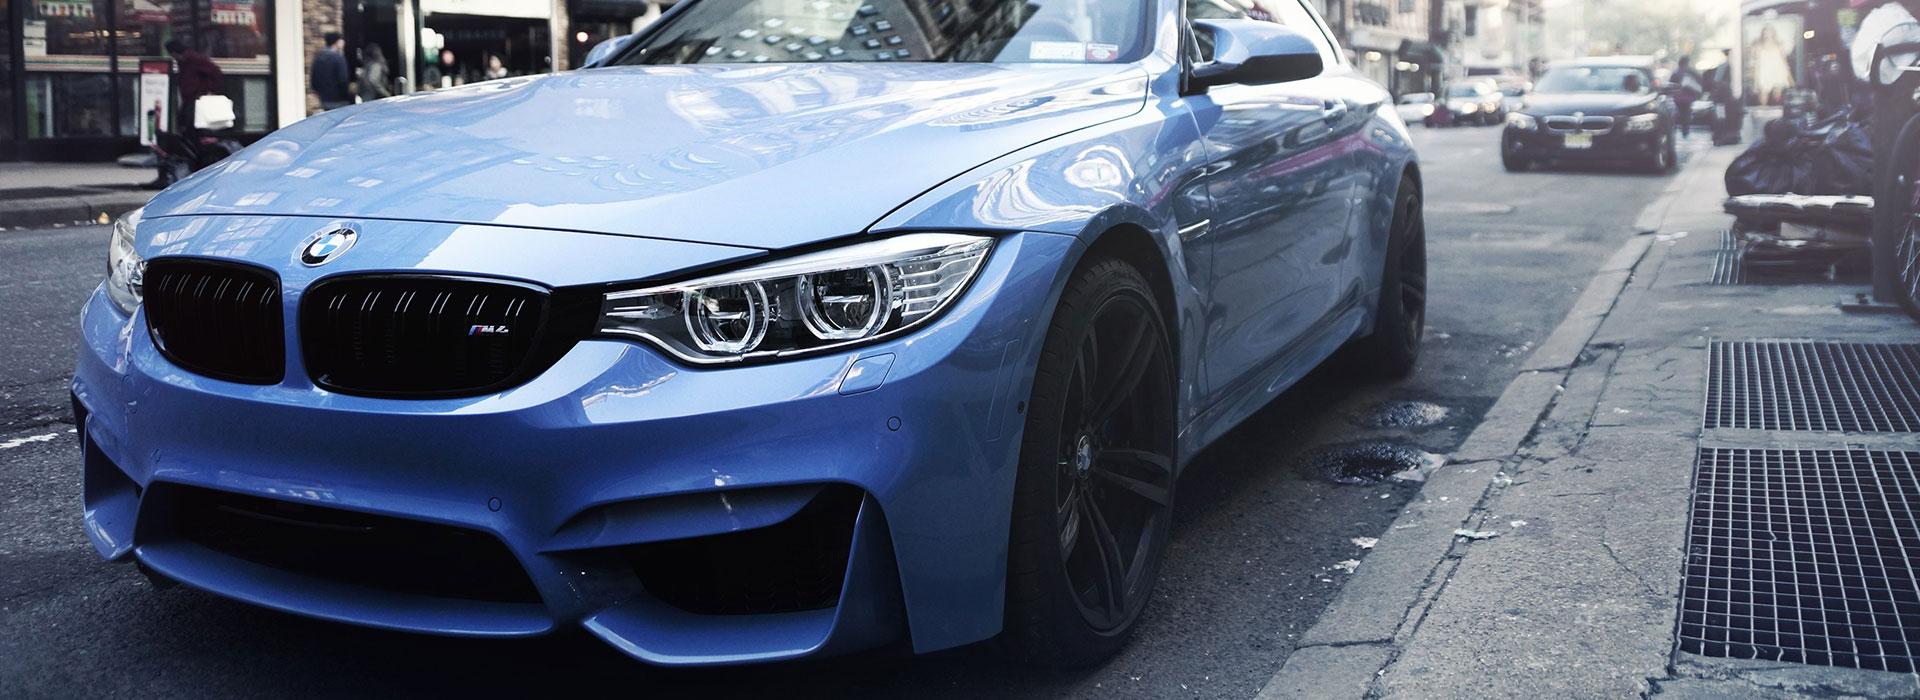 BMW-azul